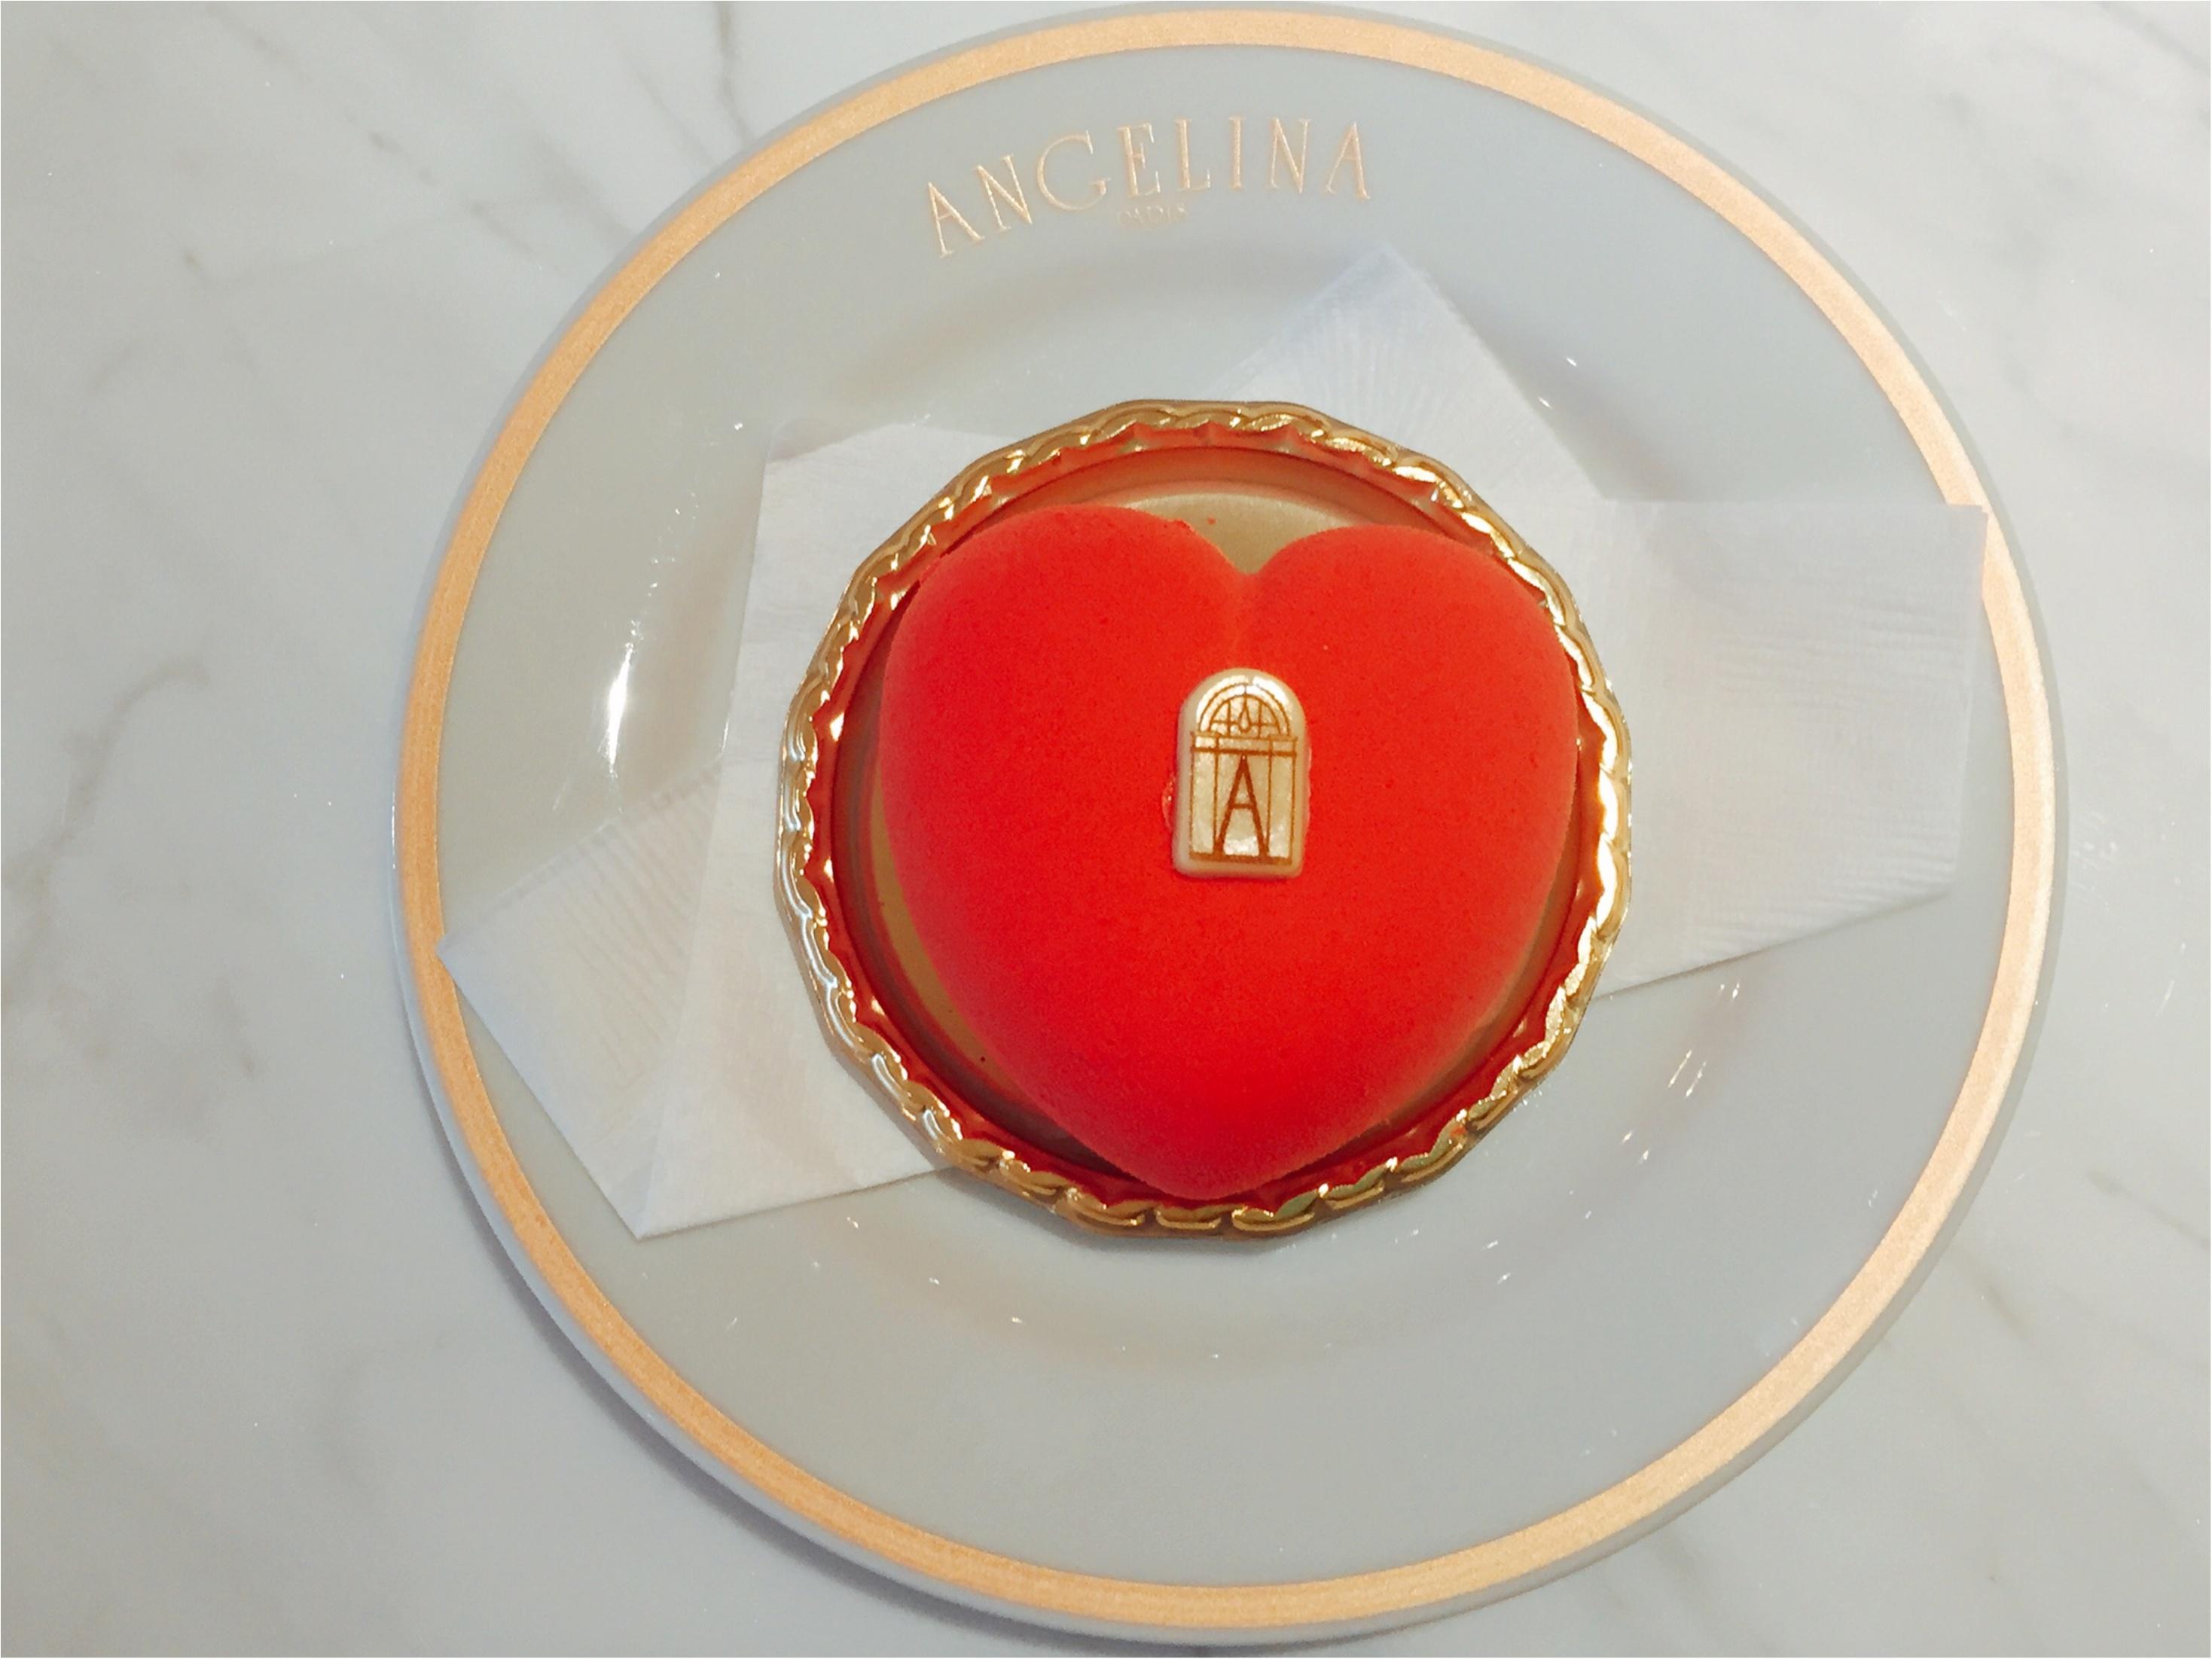 【バレンタイン限定】1903年創業のパリ老舗サロン「ANGELINA」のハート♡ケーキが可愛すぎて食べるのがもったいない!!_6_4